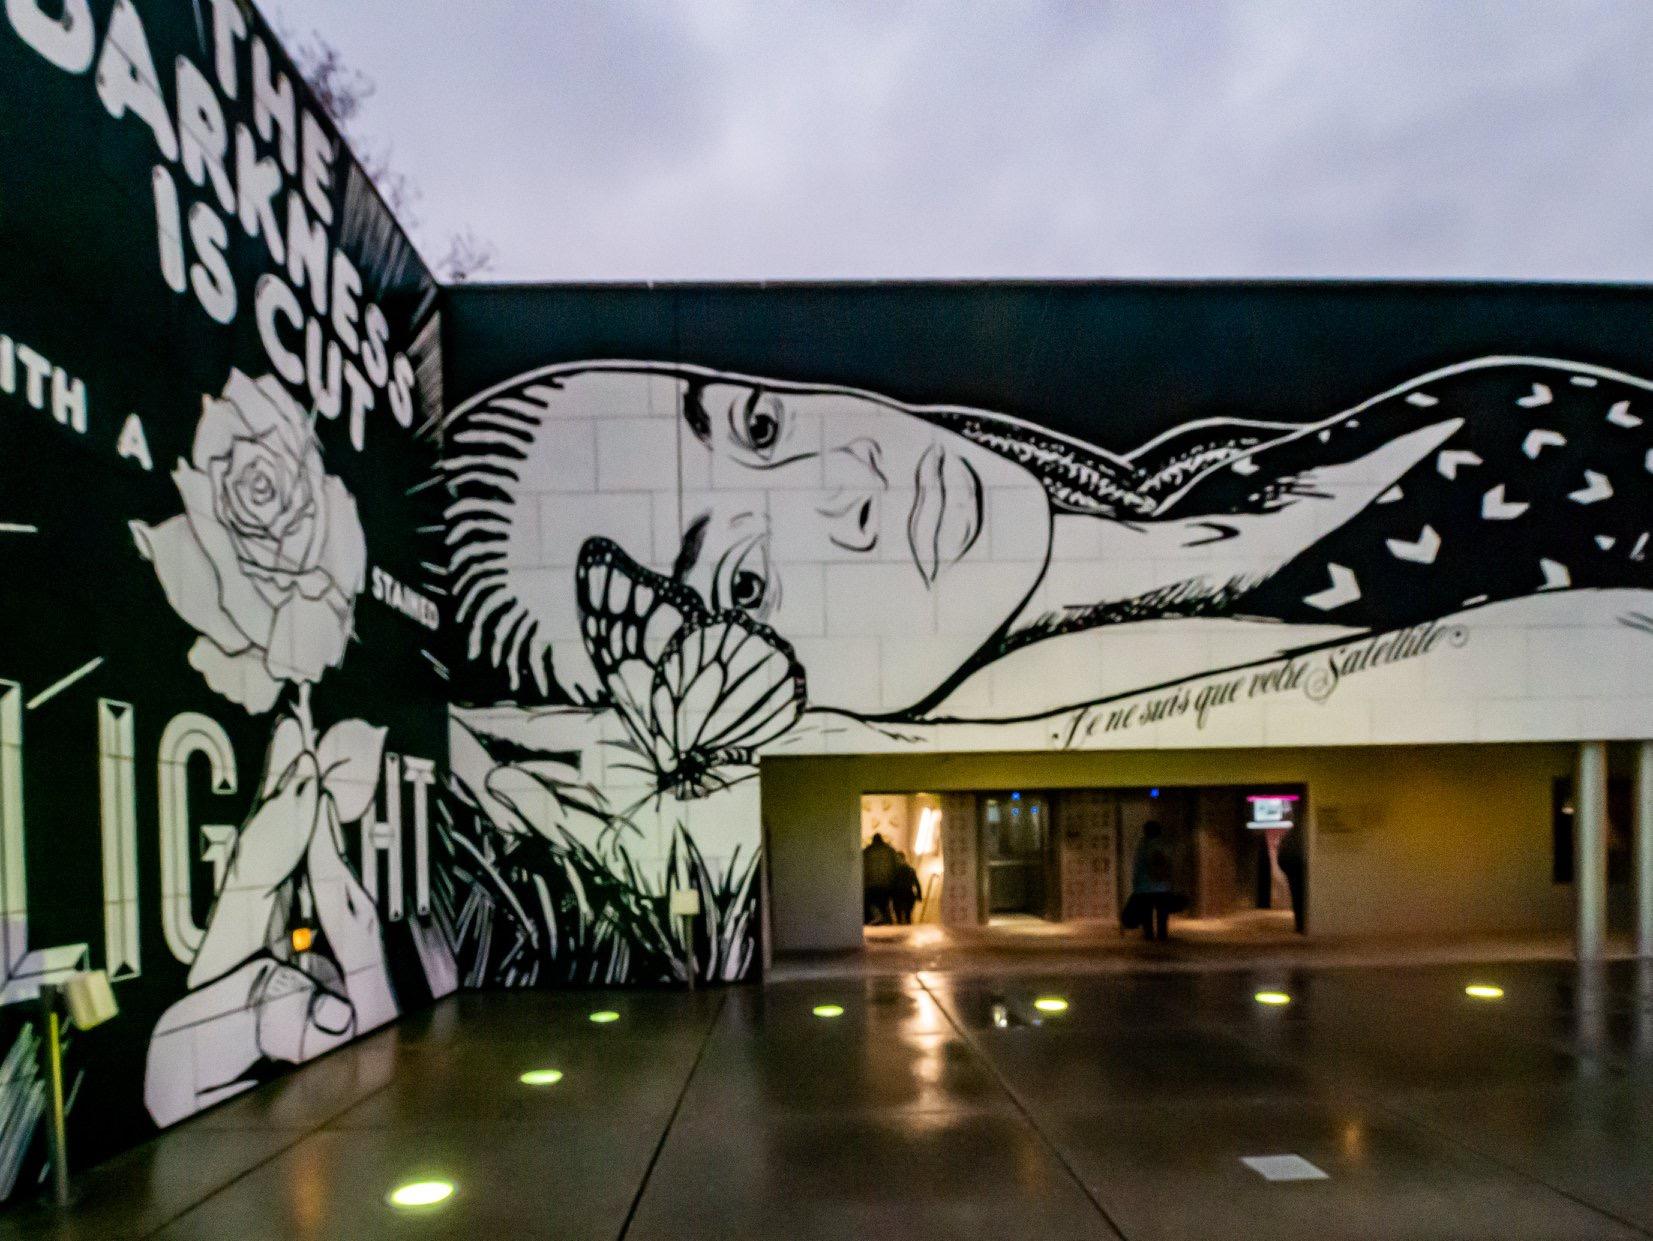 Musée d'Art moderne et contemporain, France